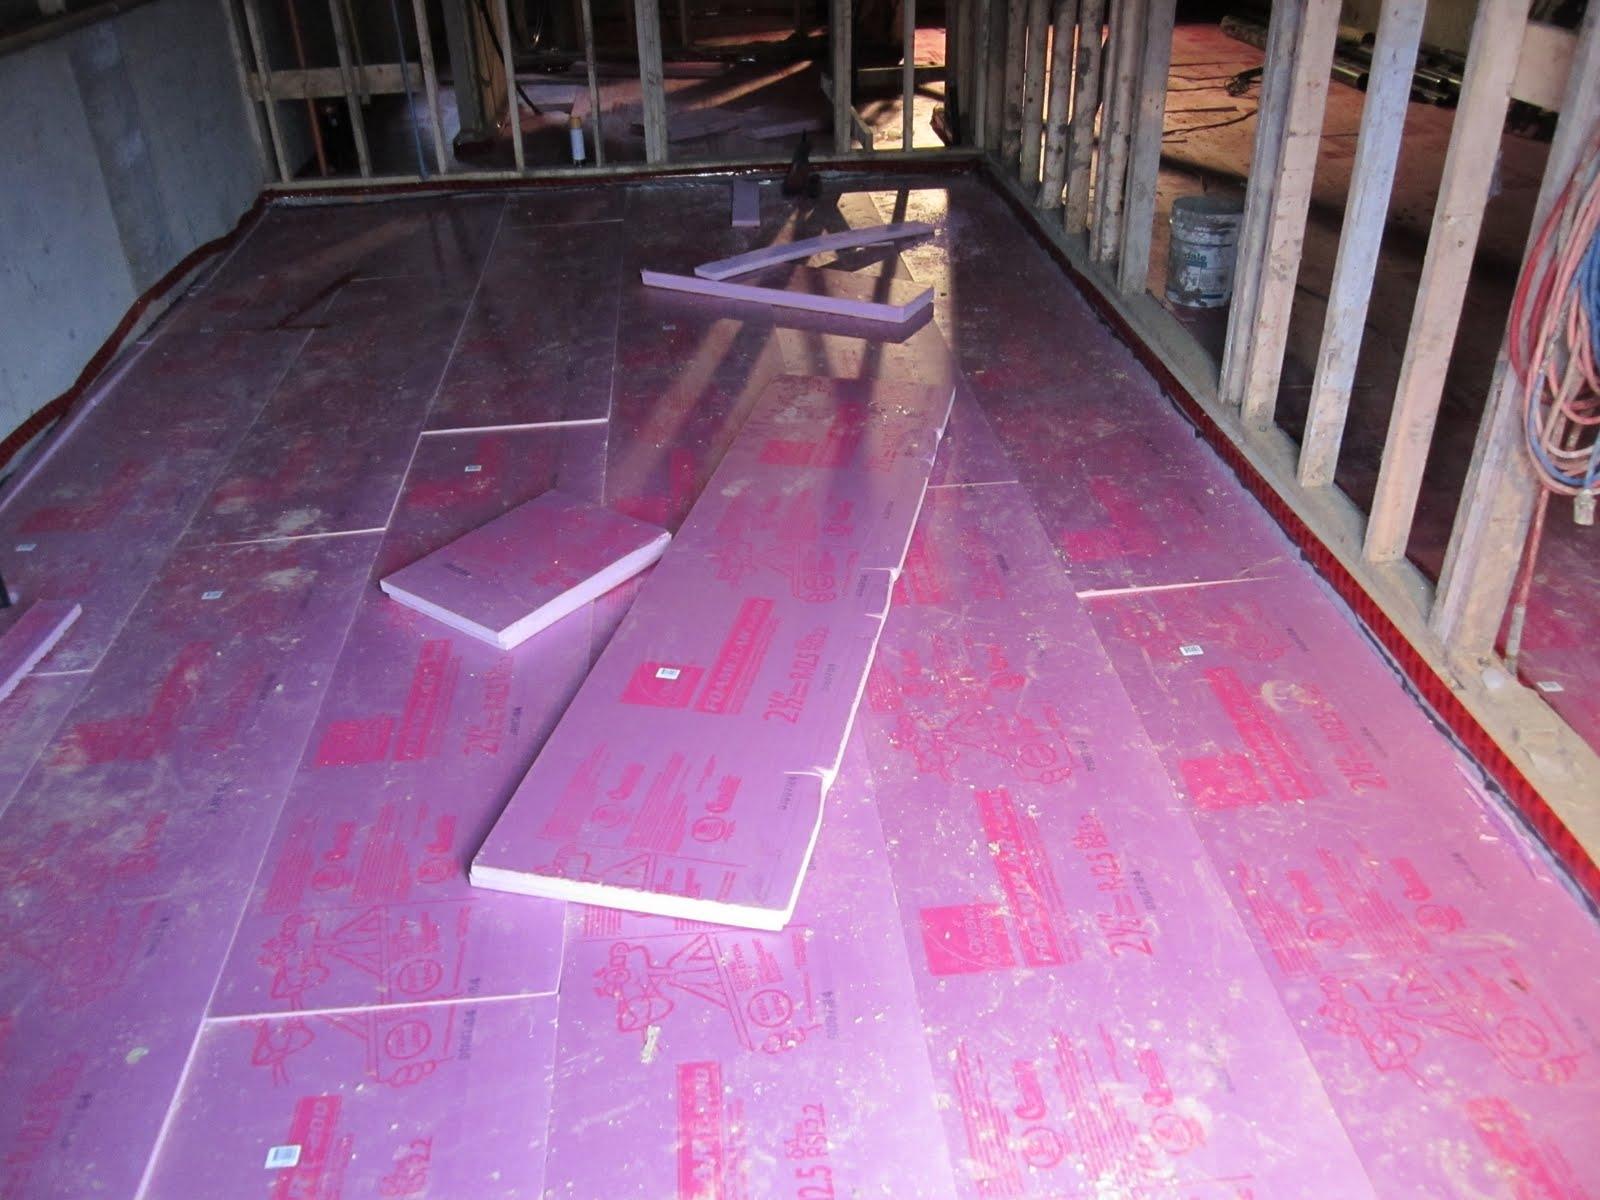 Warm Basement Flooring Warm Basement Flooring ronse massey developments basement floor insulation and vapor barrier 1600 X 1200